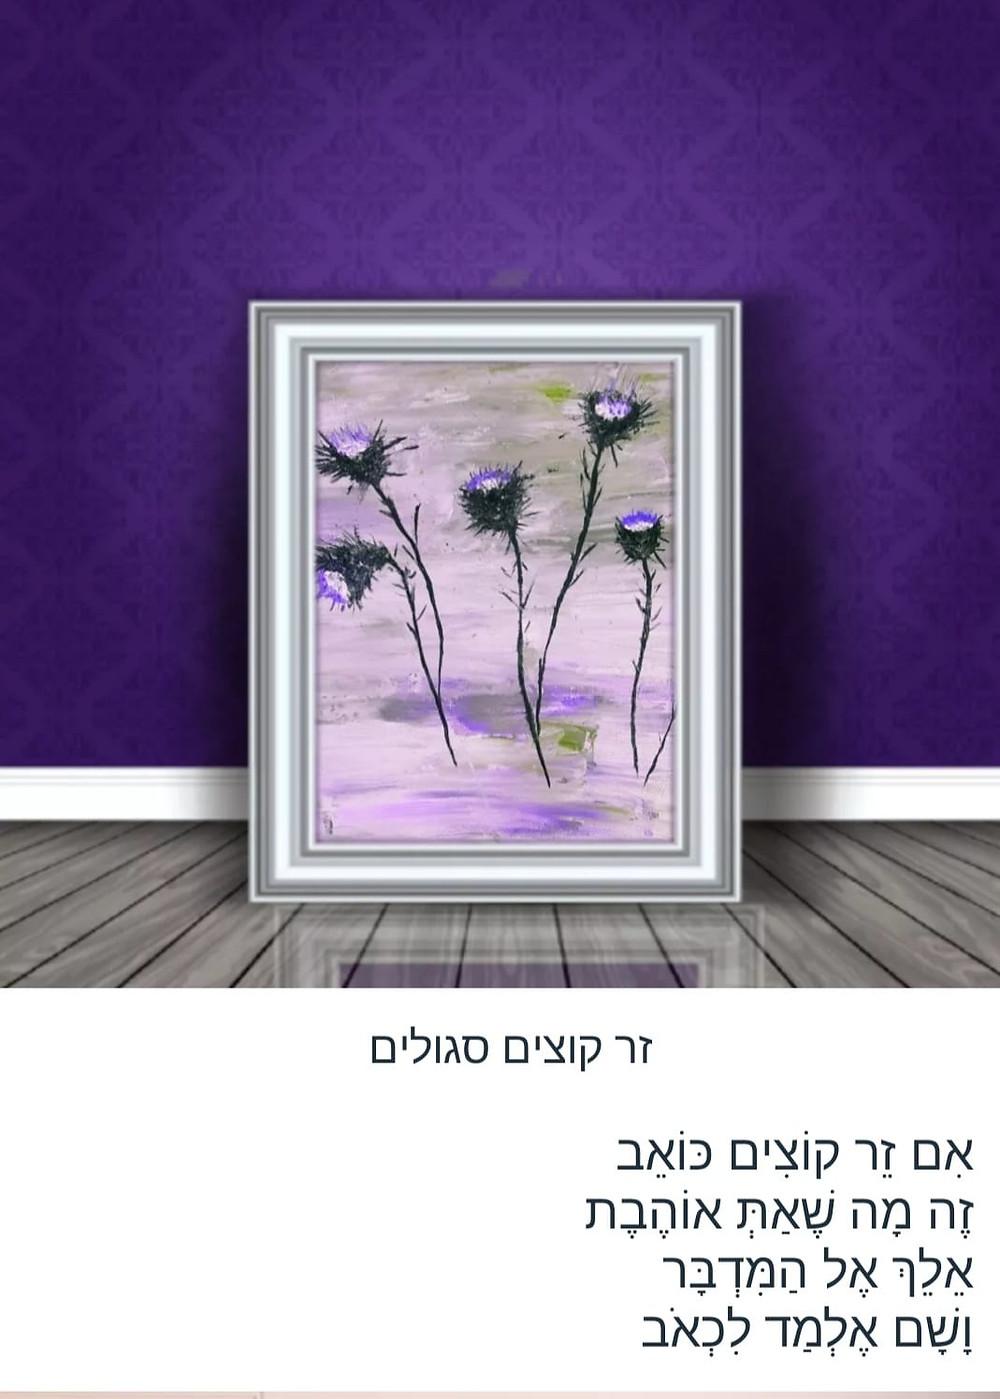 ציורה של עליזה גוטמן על פי שירו של נתן יהונתן כמו בלדה